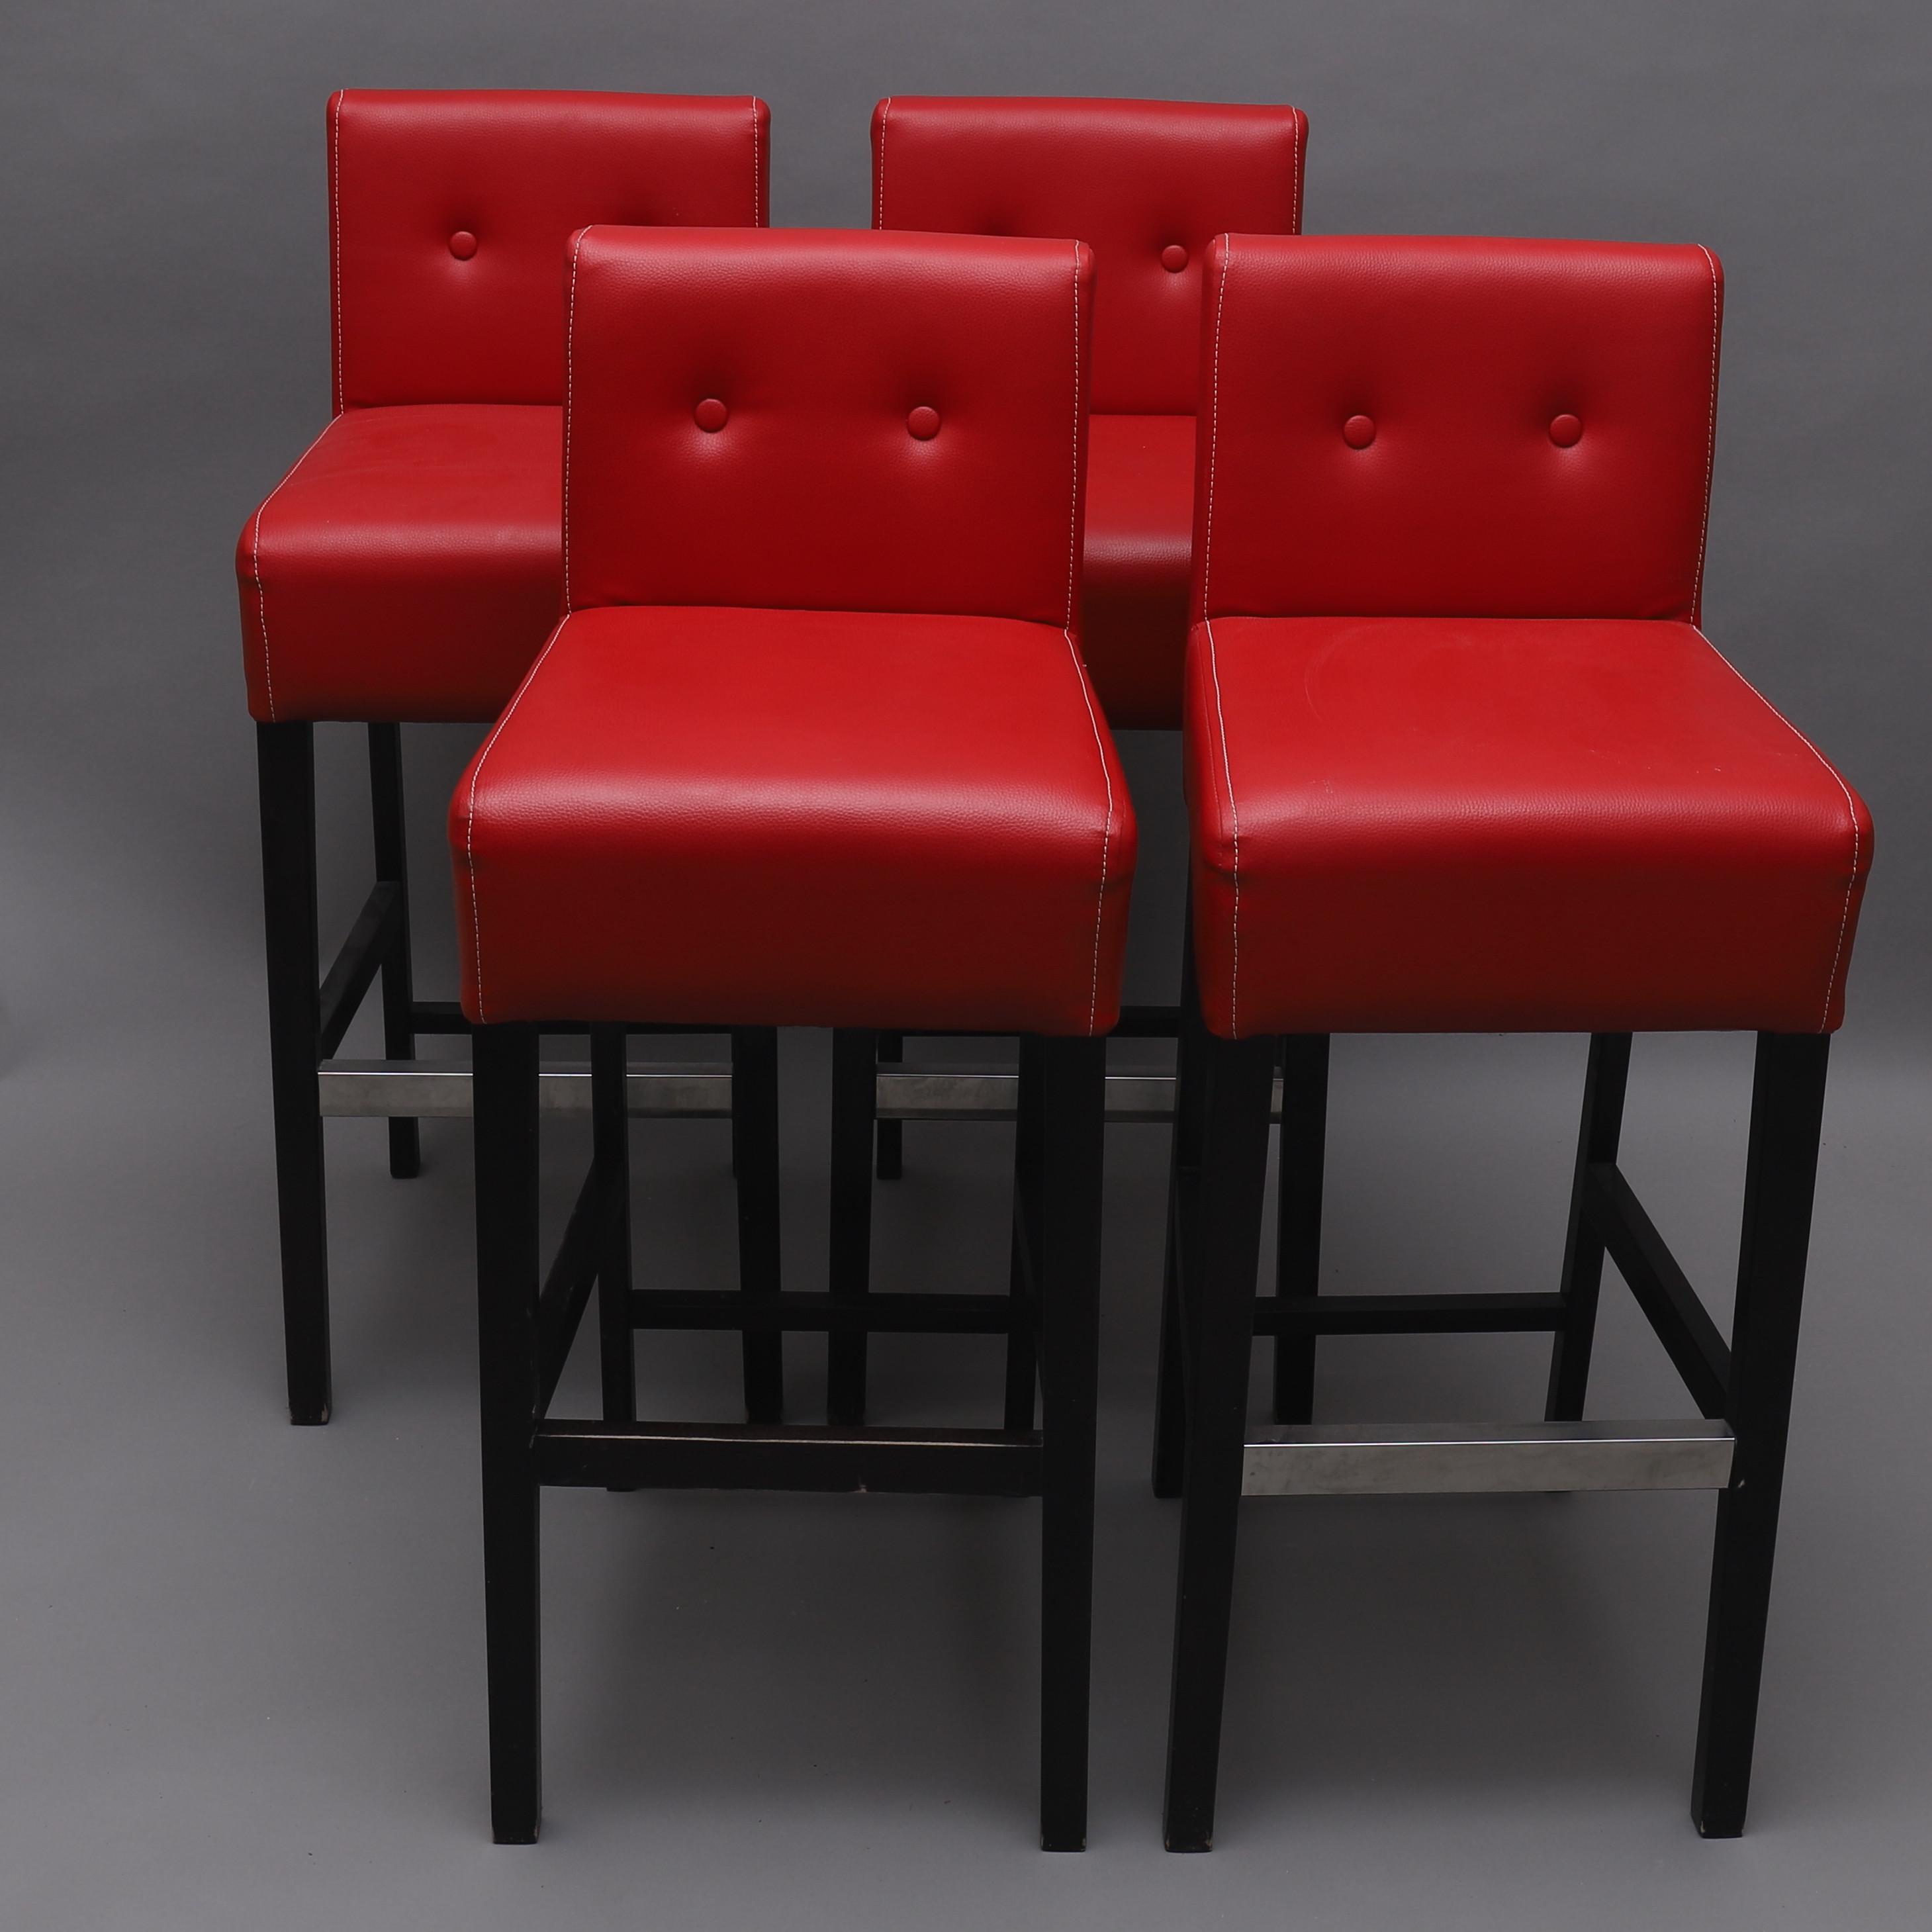 BARSTOLAR, 4 st, rött konstläder, Sitz, samtida. Möbler